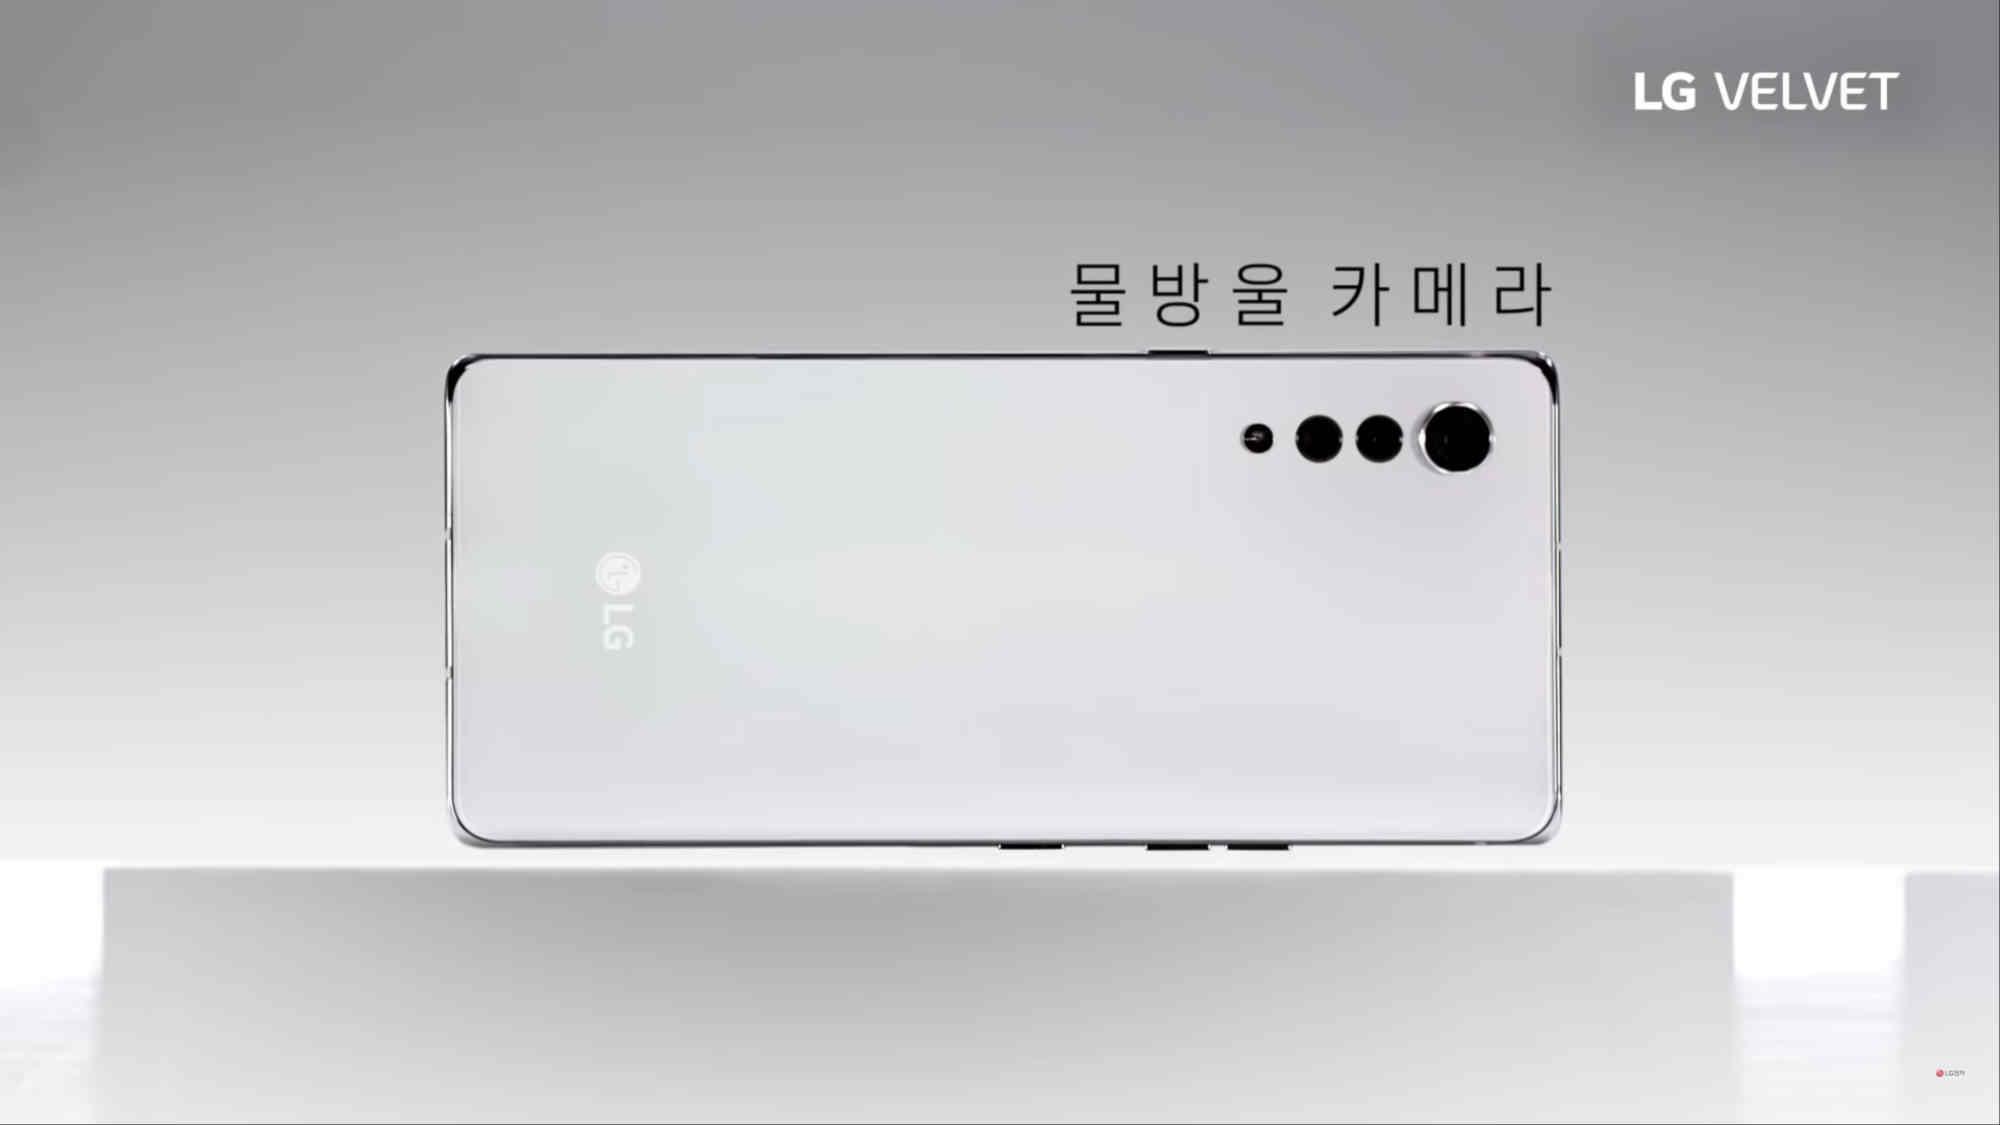 Sau Velvet, LG sẽ ra mắt flagship hơn 1.000 USD, hứa hẹn mang tính đột phá